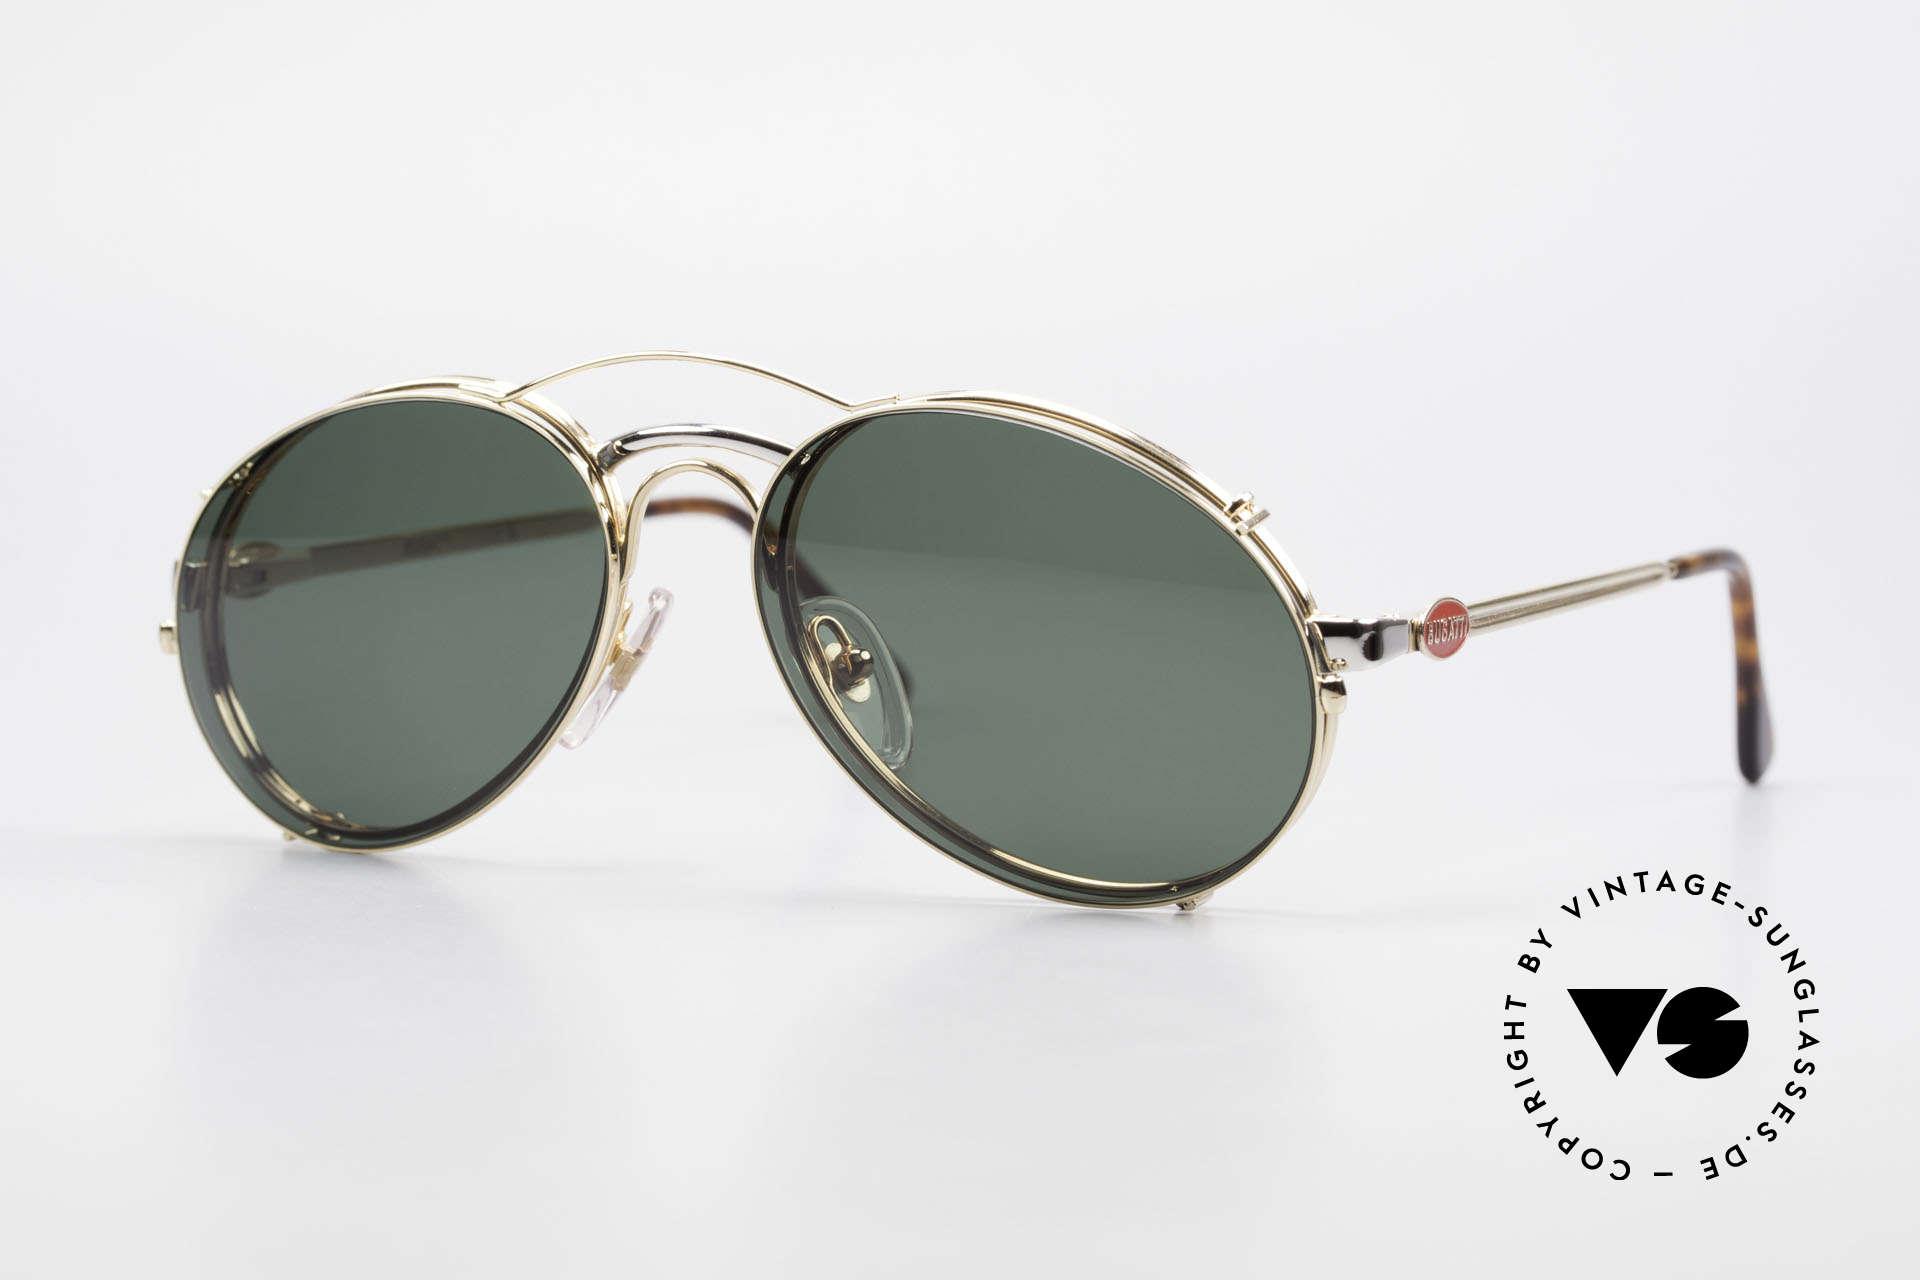 Bugatti 03308 80er Fassung mit Sonnen Clip, klassisches BUGATTI Sonnenbrillen-Design von 1989, Passend für Herren